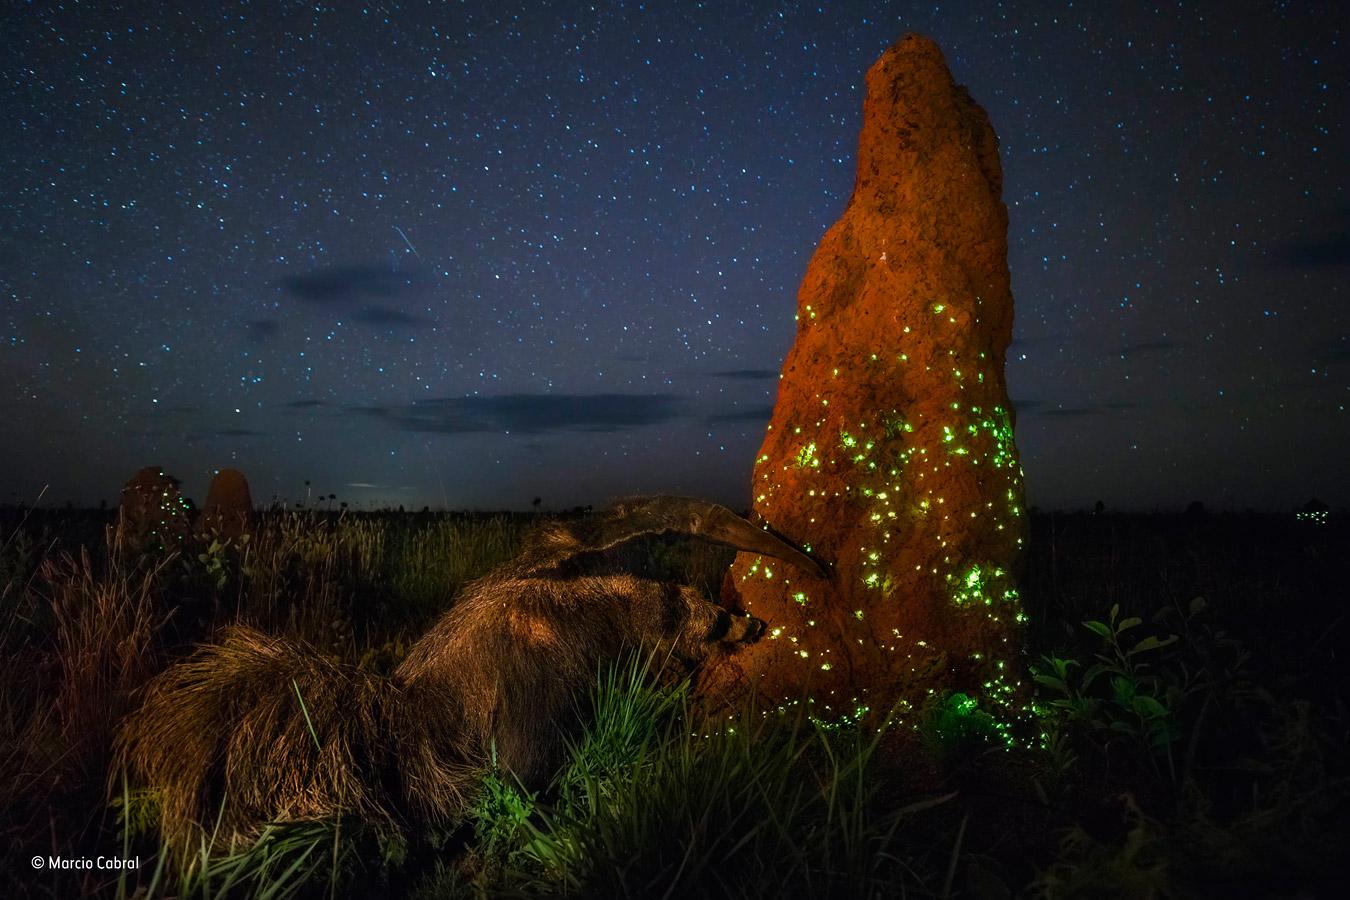 Ночной рейдер, © Марсио Кабрал / Marcio Cabral, Бразилия, Победитель категории «Животные в своей среде», Фотоконкурс «Фотограф года живой природы» — Wildlife Photographer of the Year